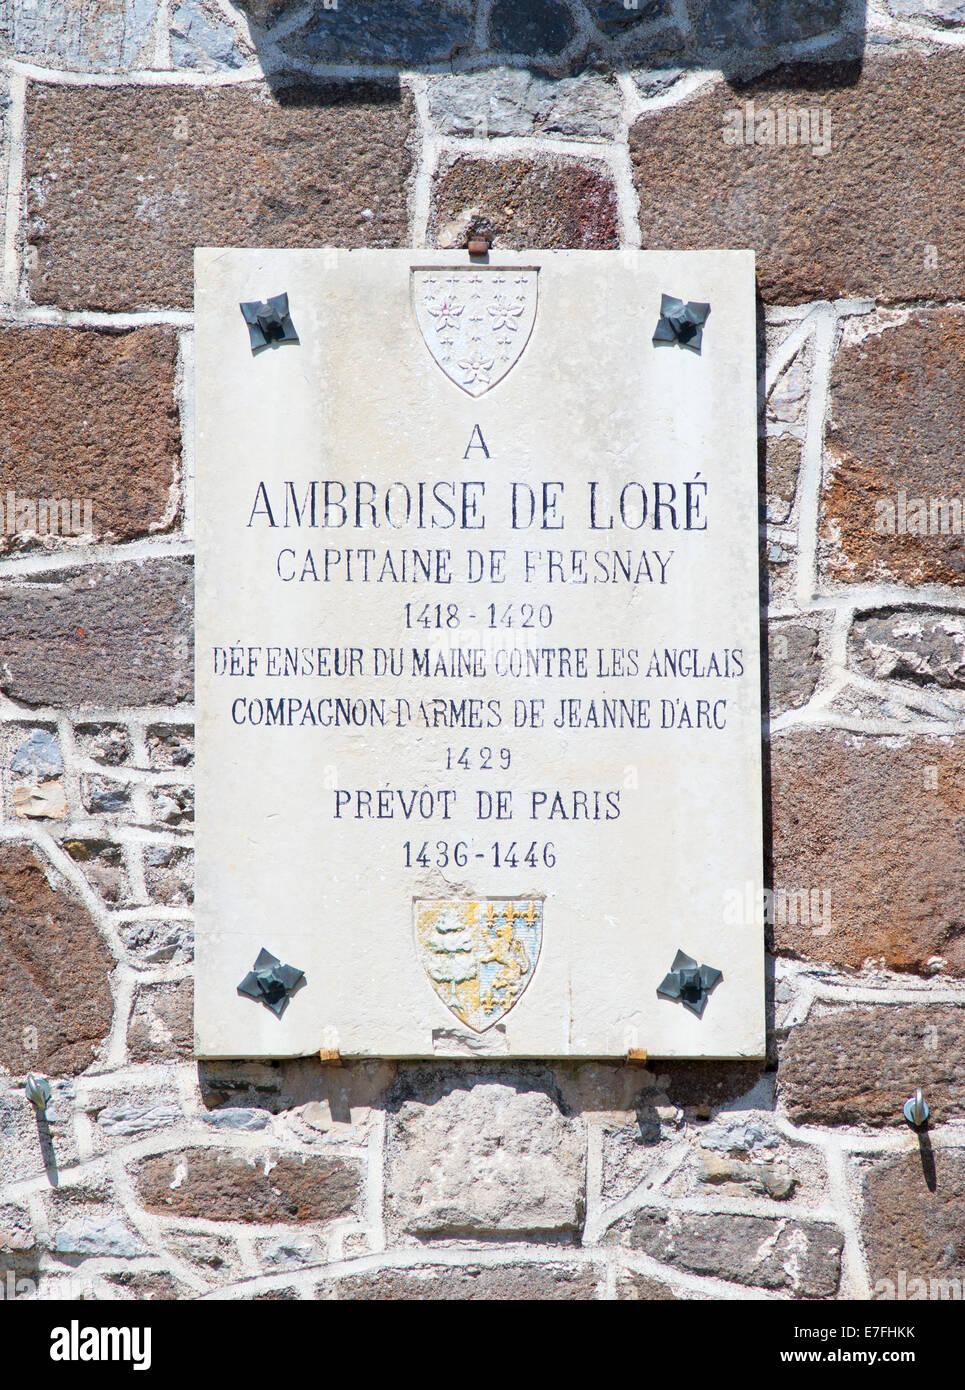 Gedenktafel für Ambroise de Loré, oberhalb der Burg Tor Fresnay sur Sarthe, Pays De La Loire, Frankreich Stockbild